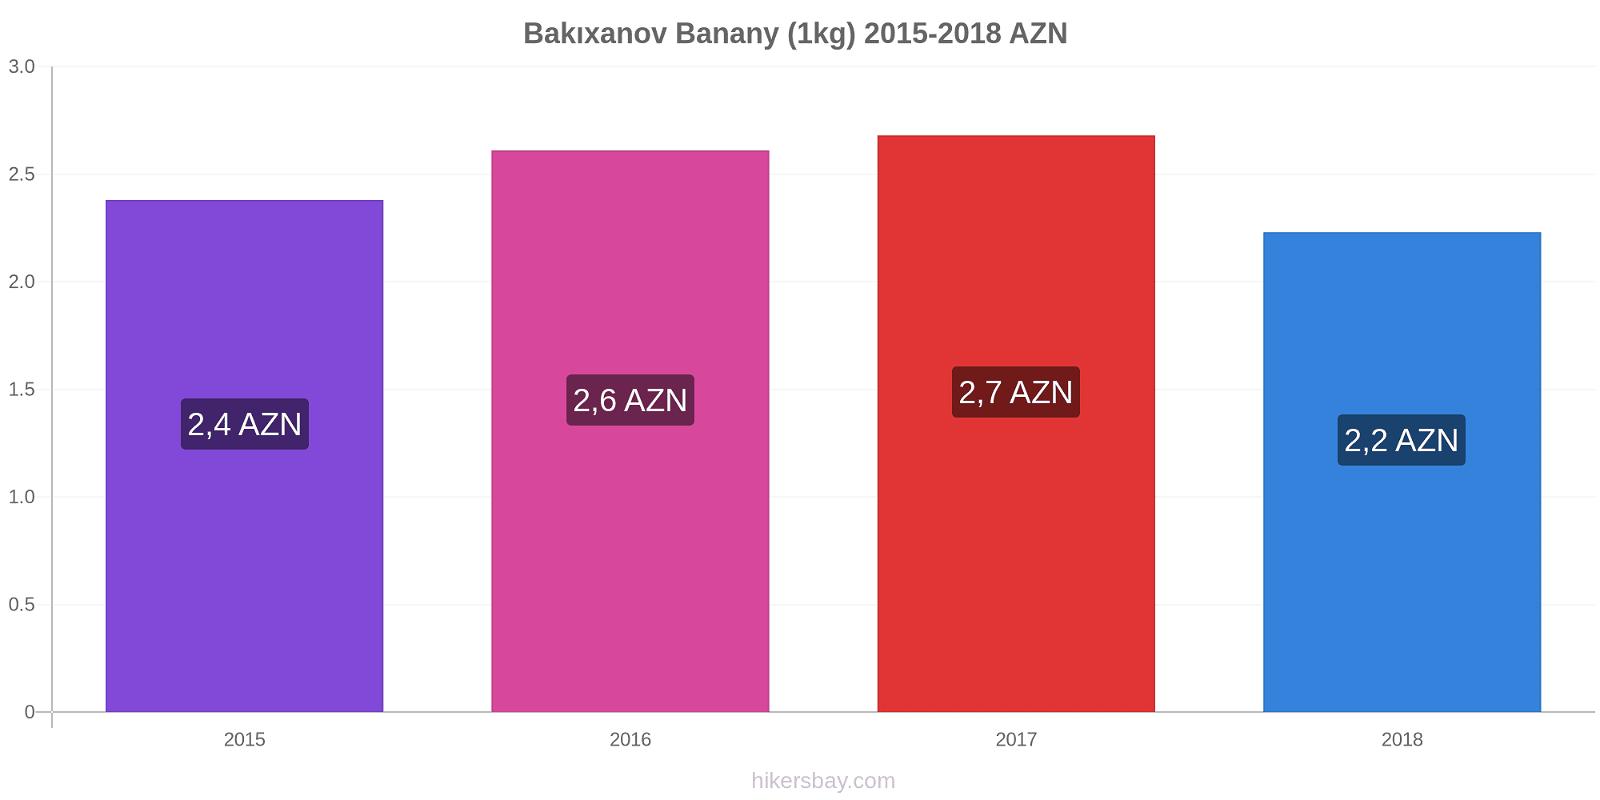 Bakıxanov zmiany cen Banany (1kg) hikersbay.com